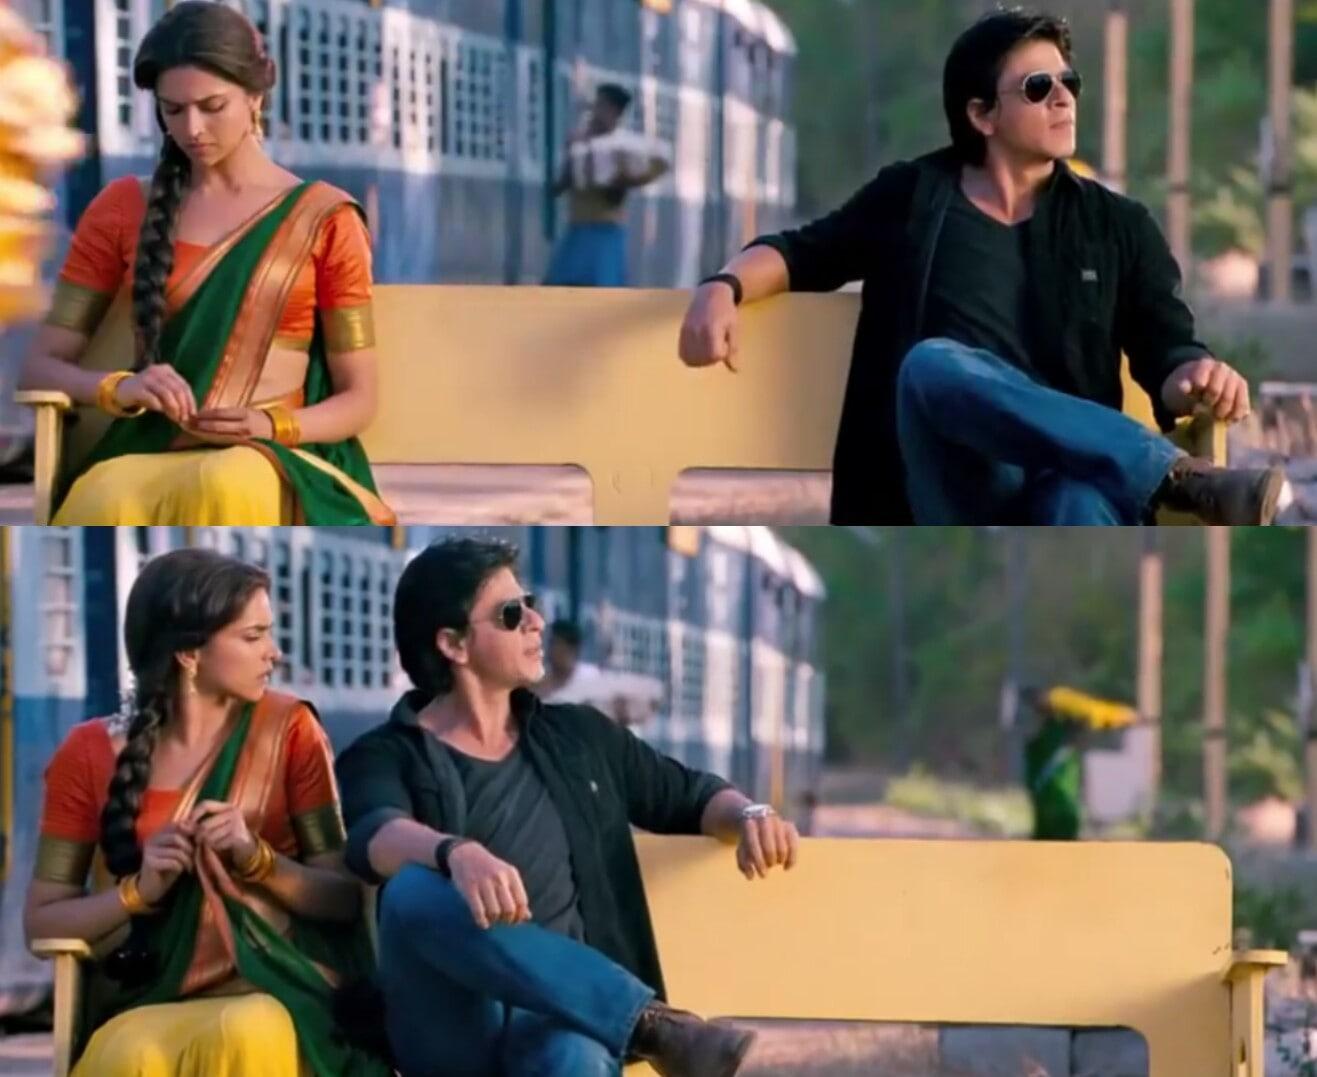 Shahrukh Khan sitting near Deepika Padukone Chennai express meme